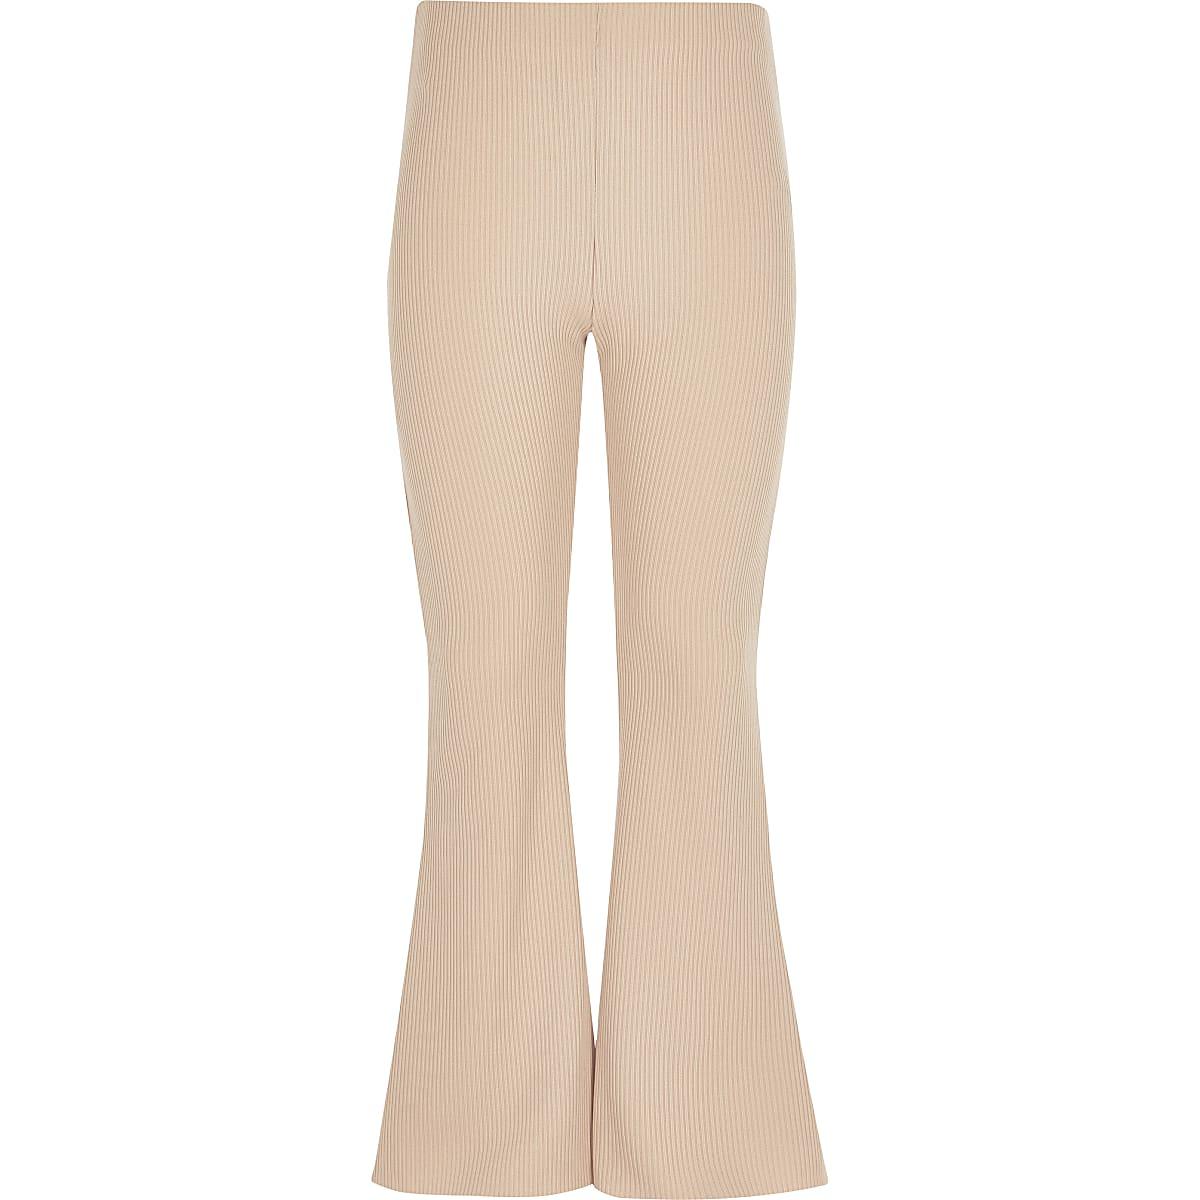 Beige geribbelde broek met uitlopende pijpen voor meisjes